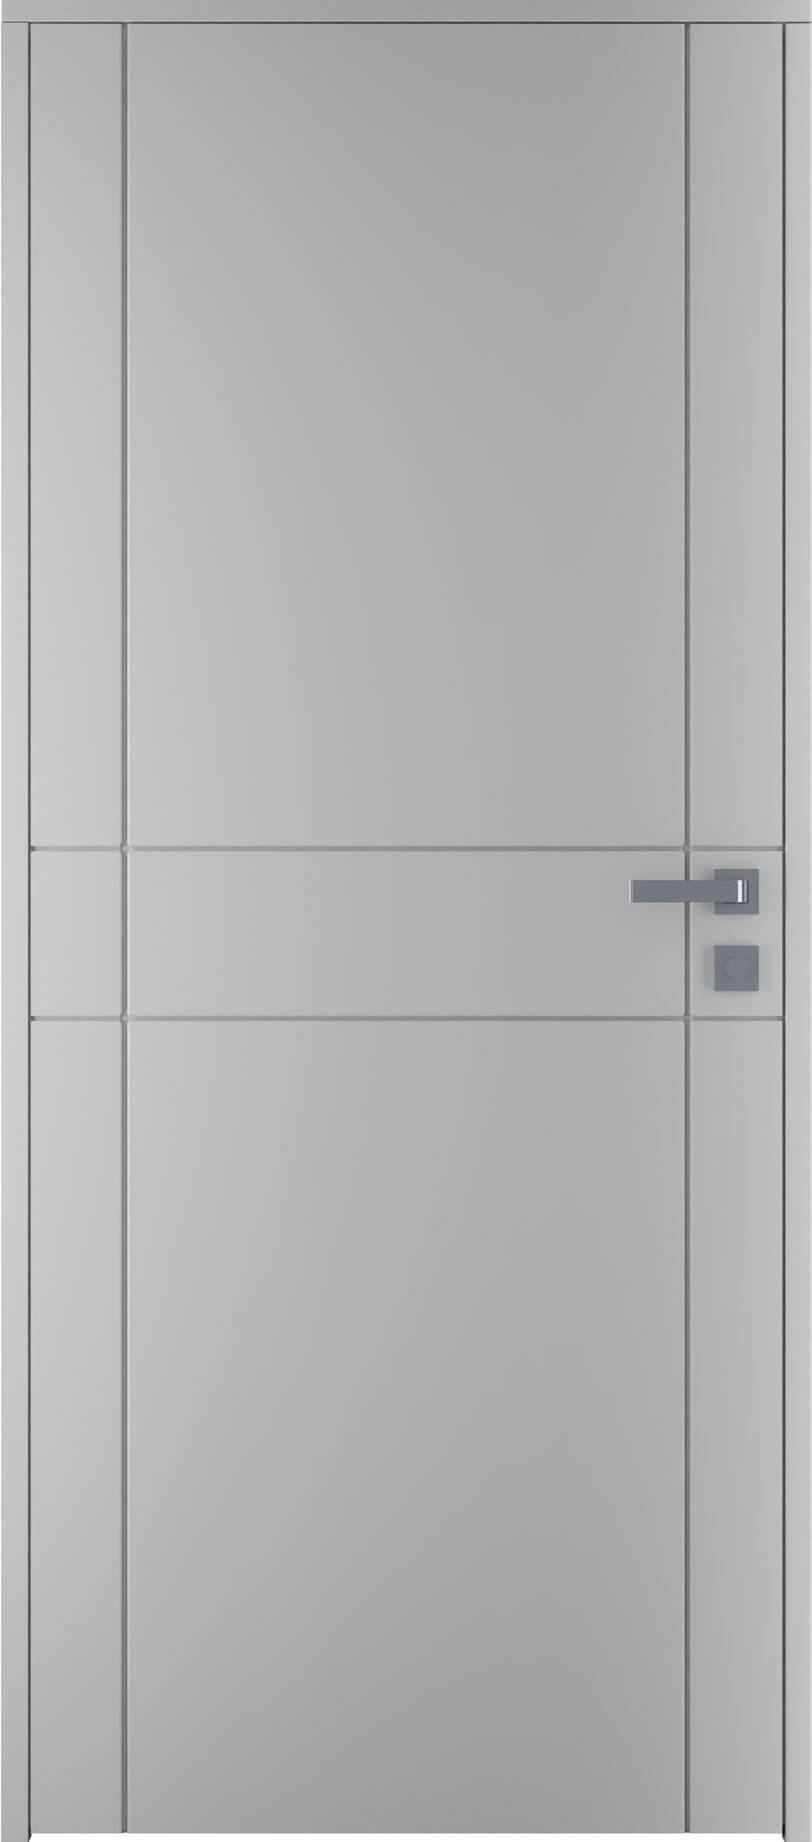 SVPF02-RAL7035-w